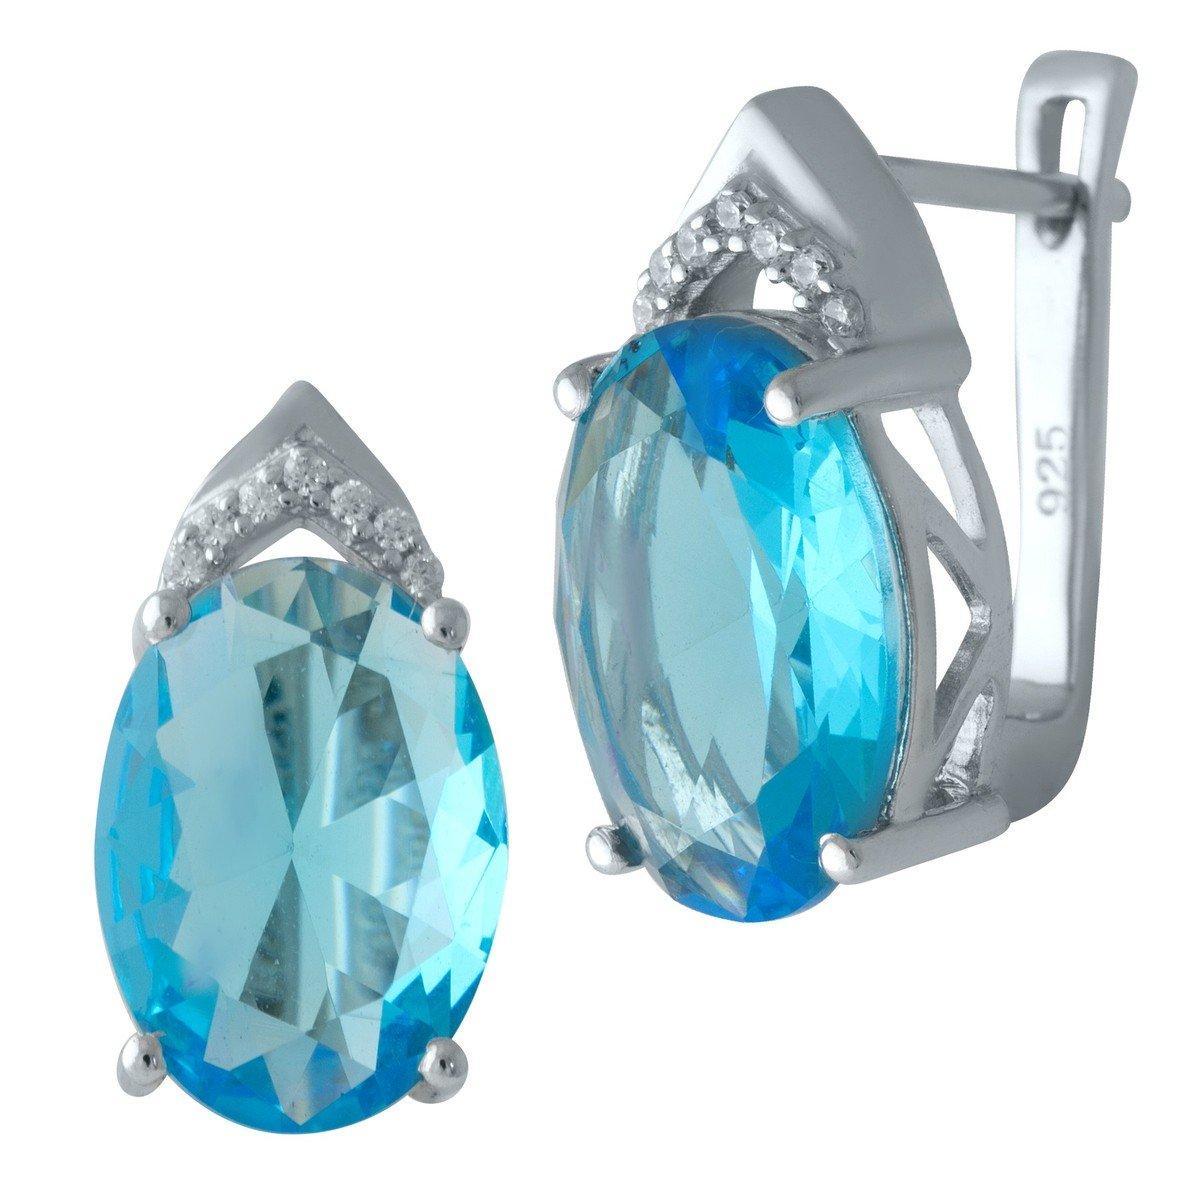 Серебряные серьги DreamJewelry с аквамарином nano (2011699)